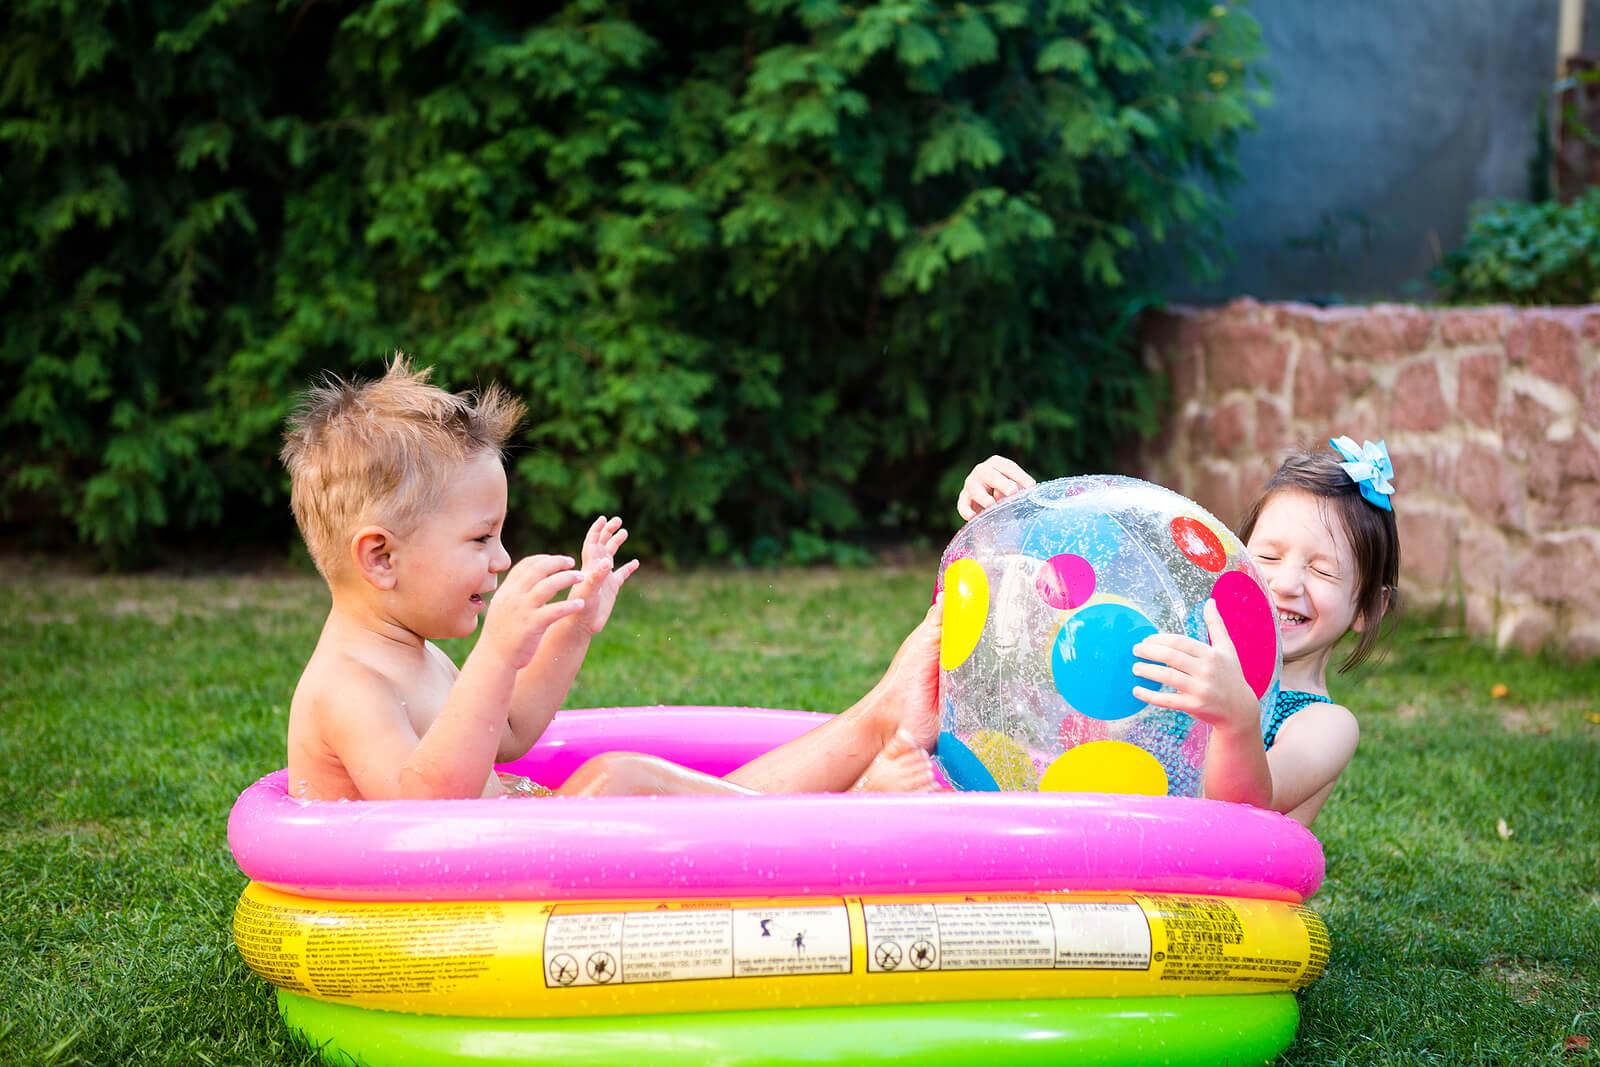 Niño jugando en una piscina hinchable en verano.